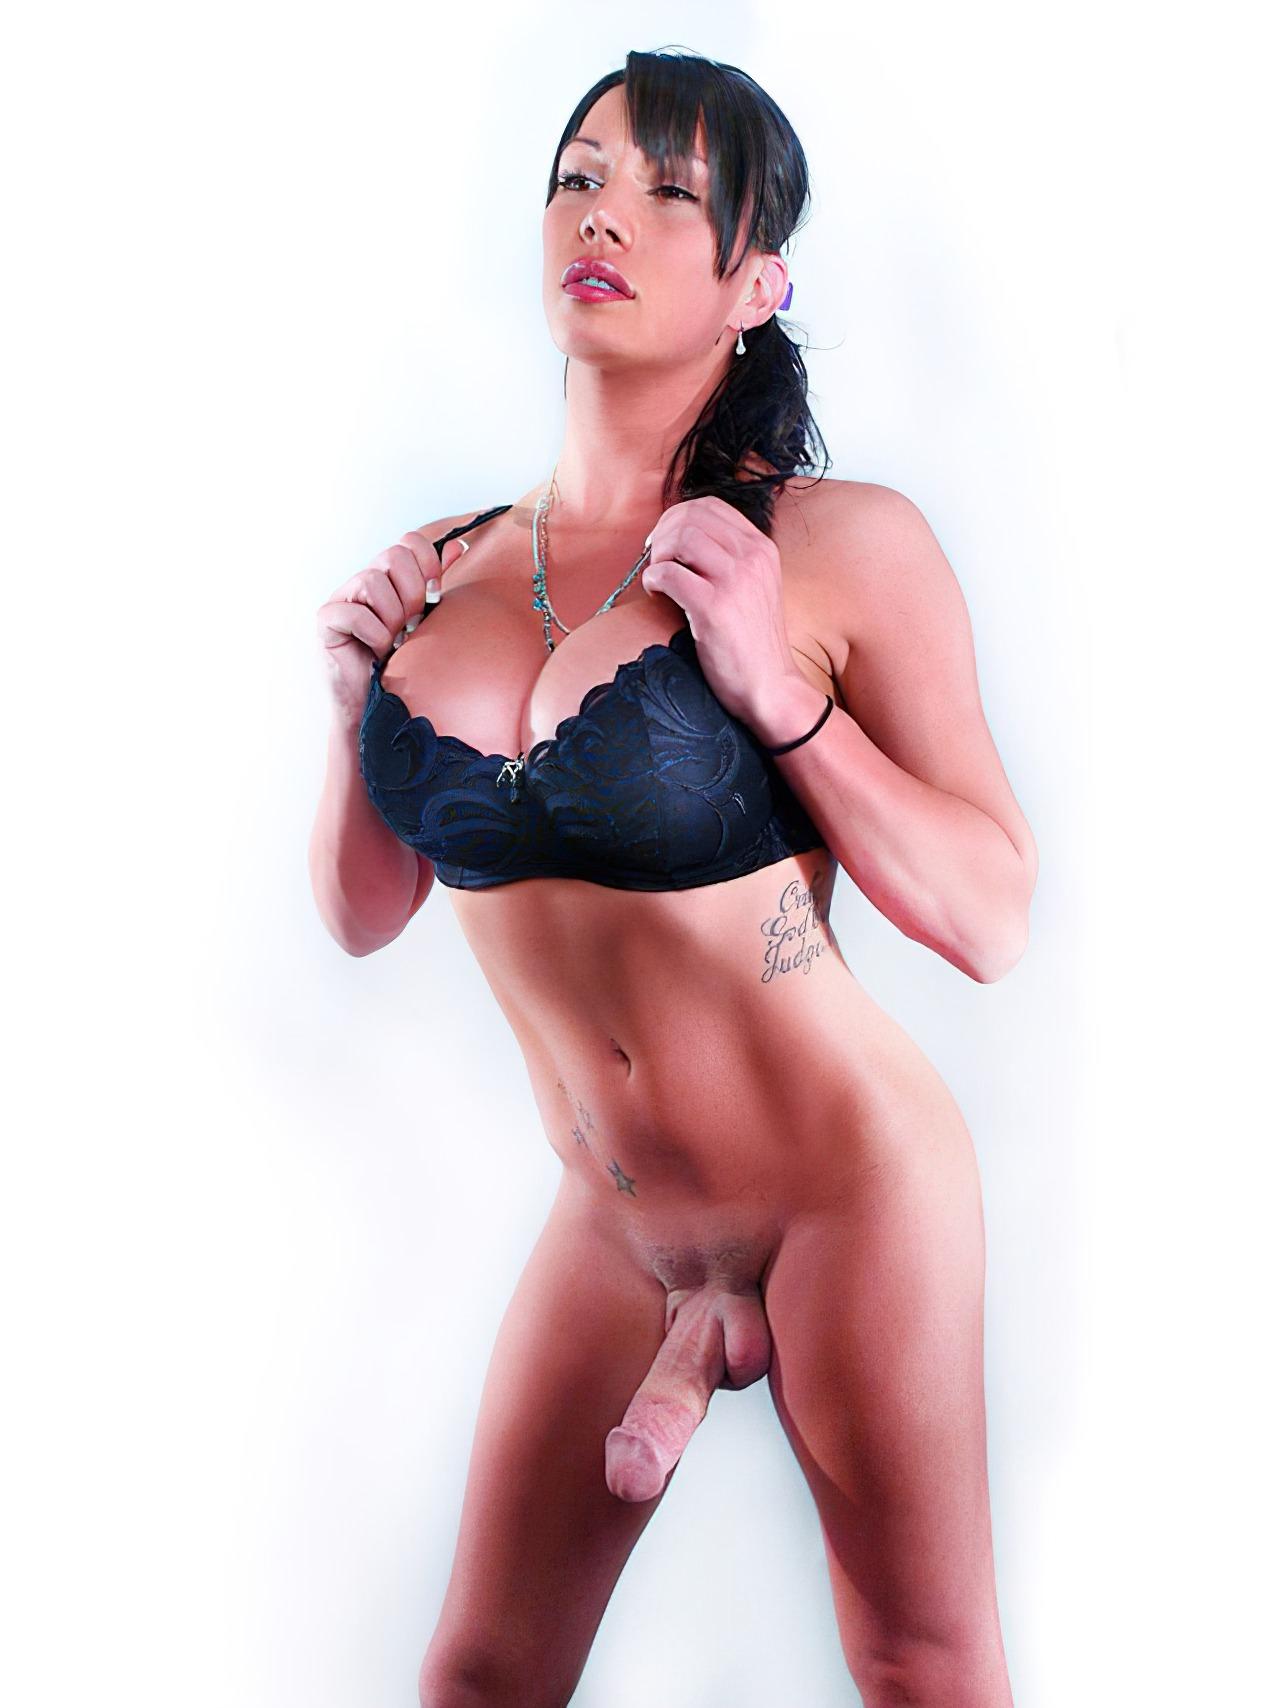 Layla Tesuda Amadora (1)